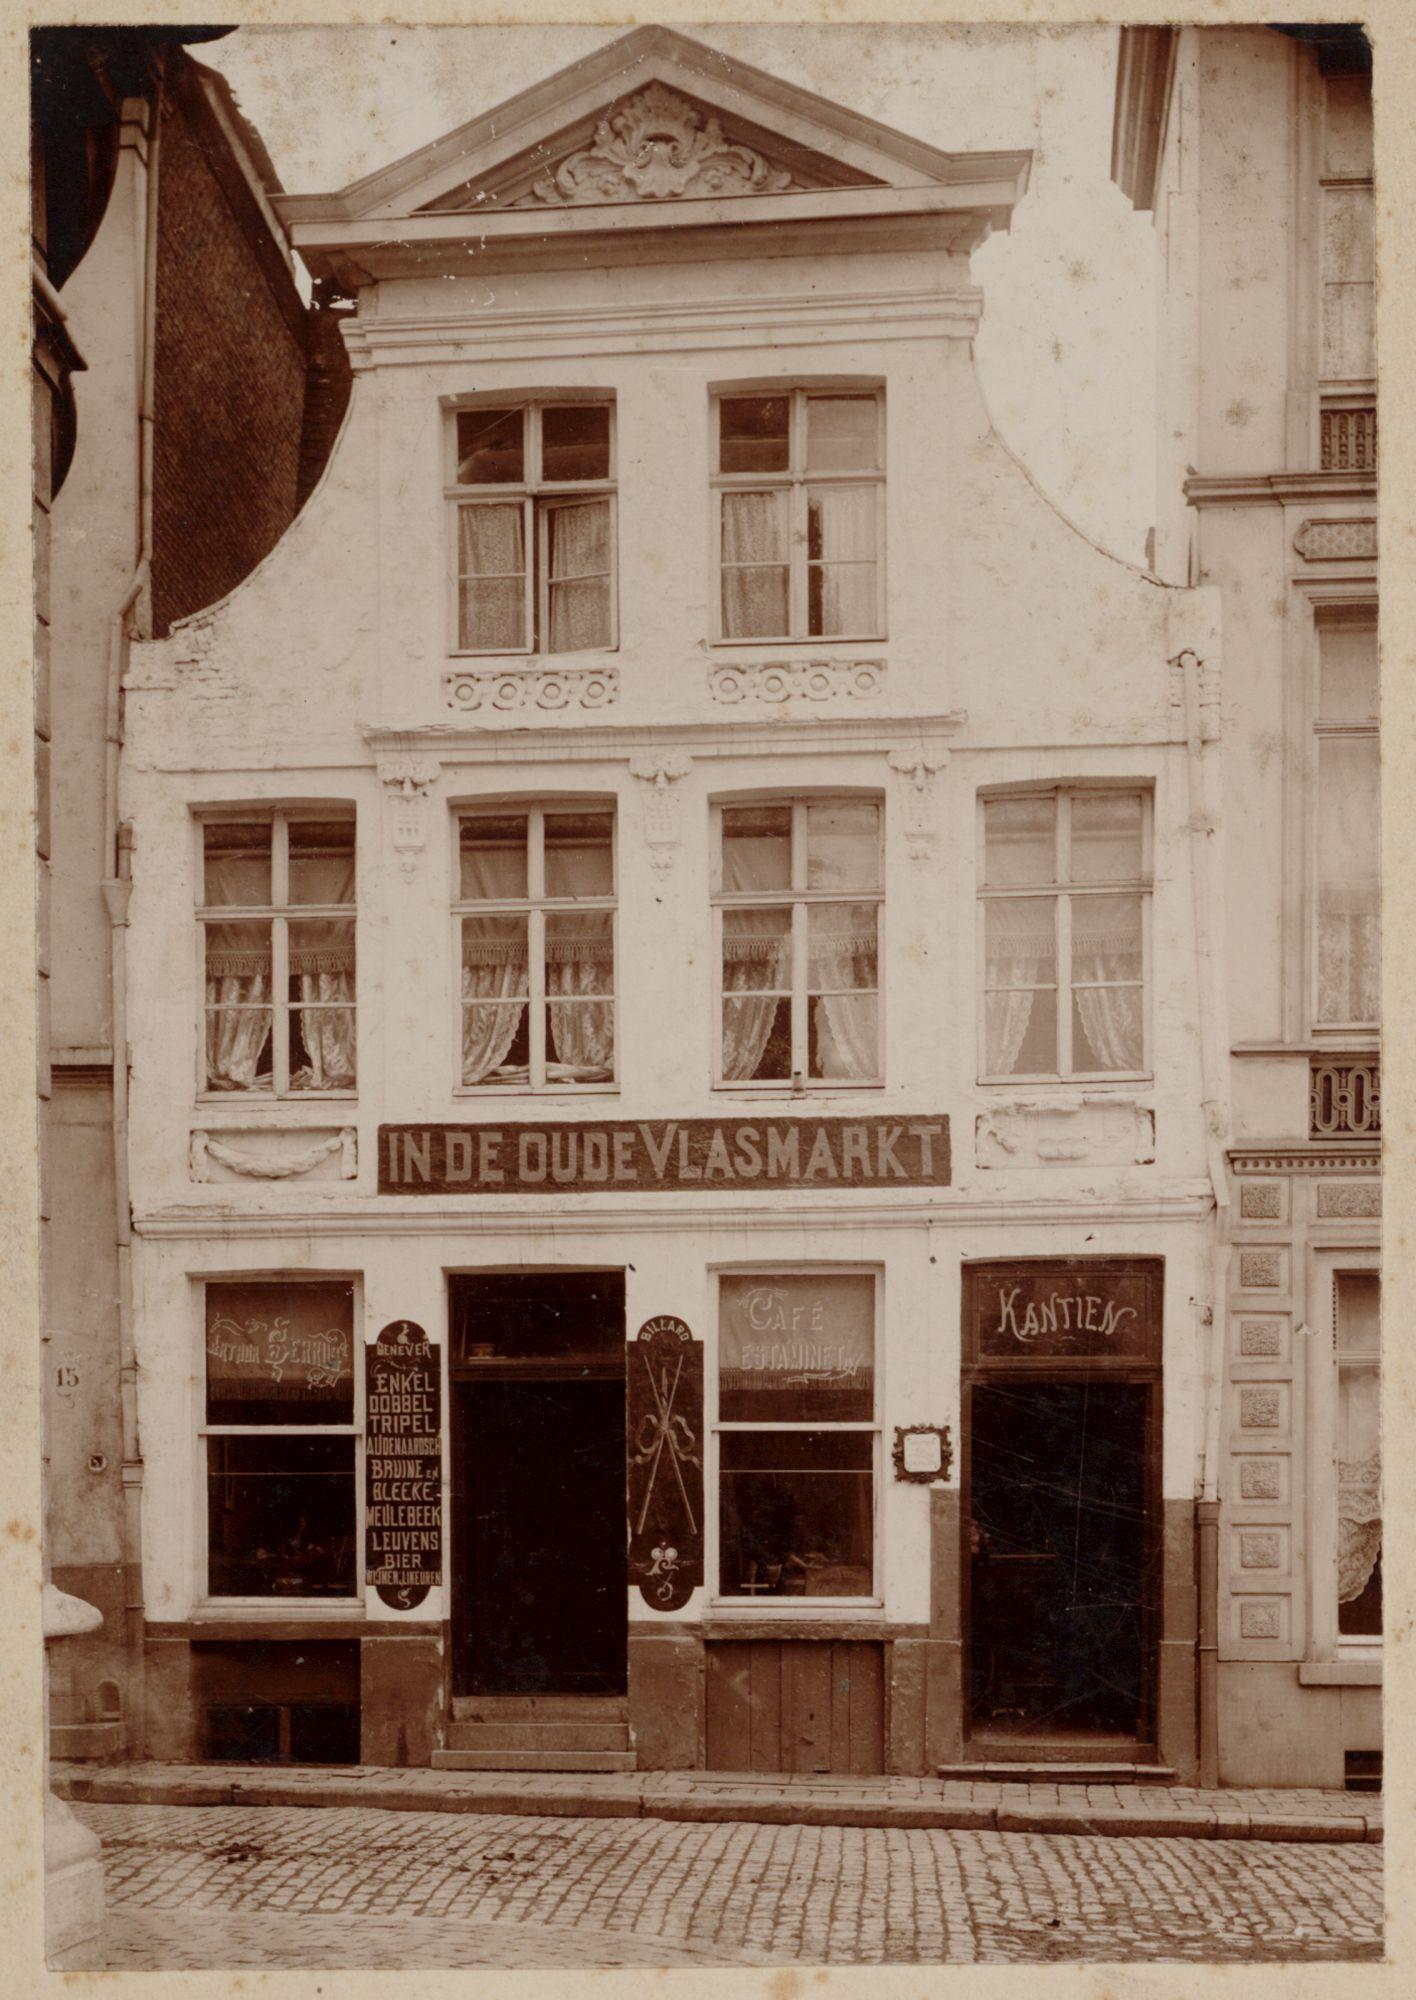 Gent: Koningstraat: café In de Oude Vlasmarkt